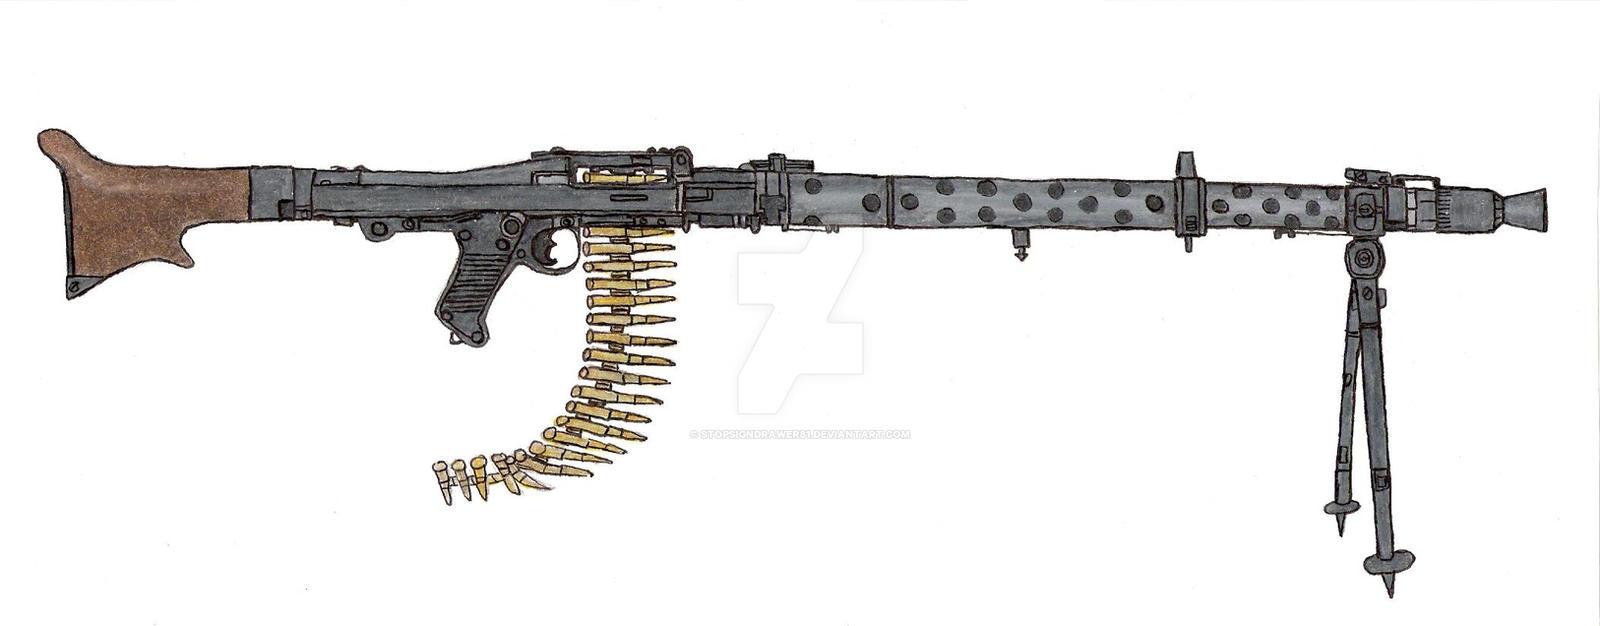 Maschinegewehr 42 Wallpaper: MG34 Machine Gun By Stopsigndrawer81 On DeviantArt